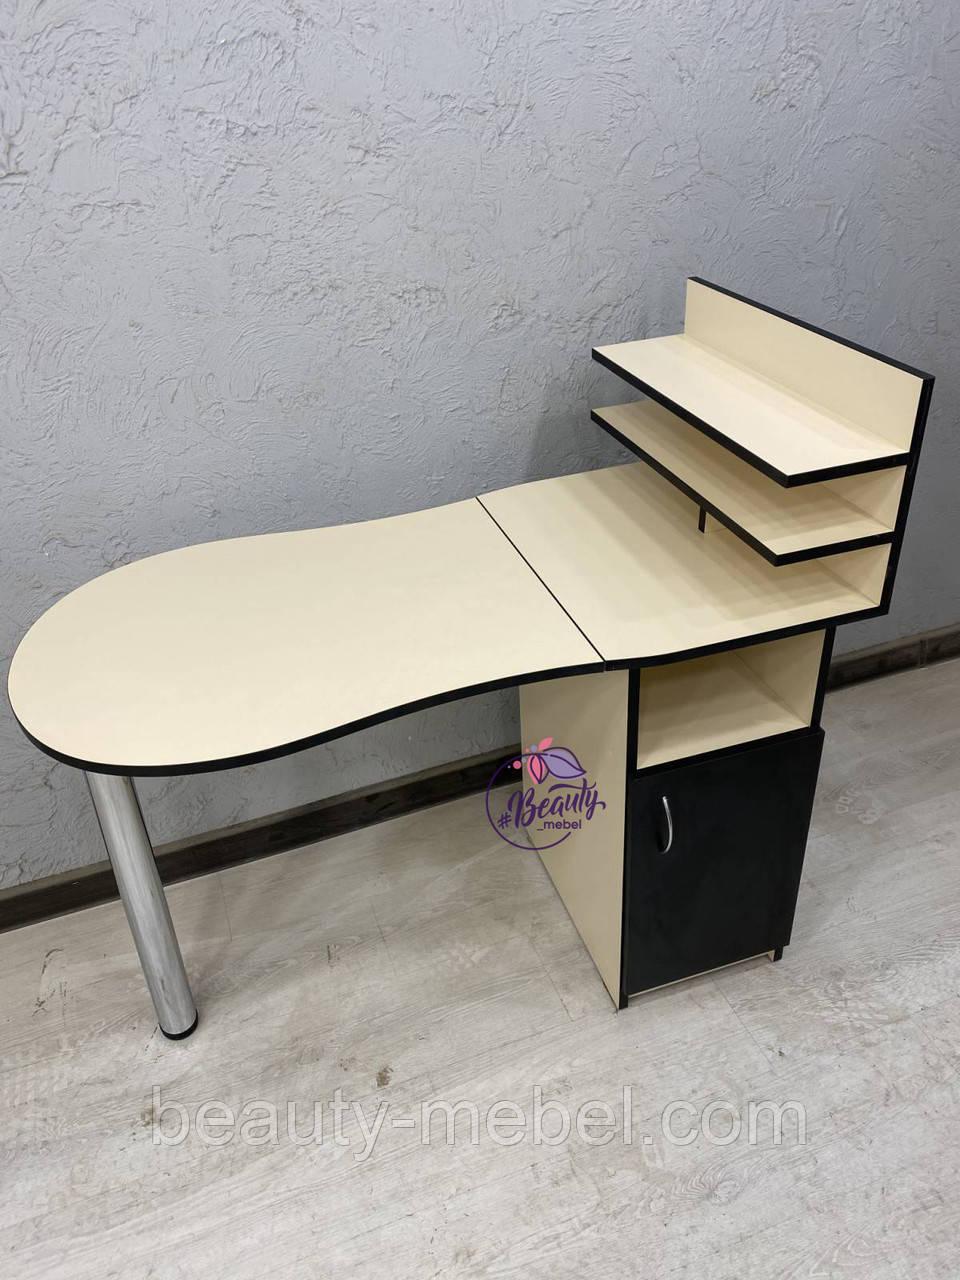 Маникюрный стол с полками для лаков, цвет - Кремовый.